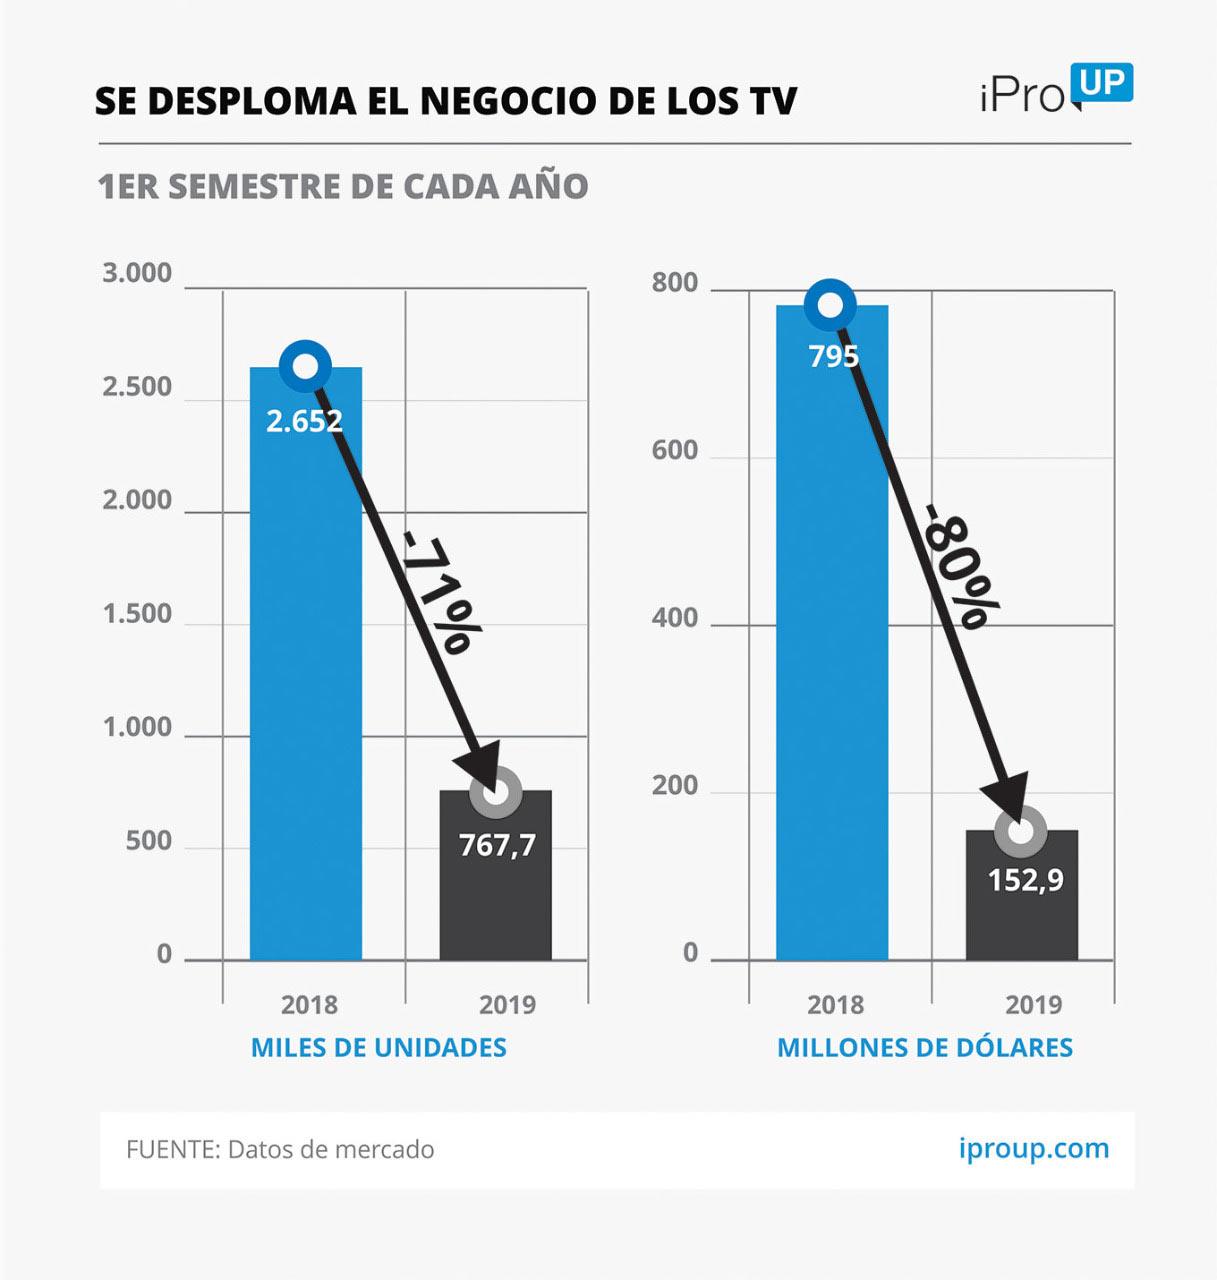 Der US-Dollar von 60 US-Dollar hat bereits einen starken Einfluss auf die Elektronik: Wie viel Mobiltelefone und Fernseher sind seit PASO gestiegen 2